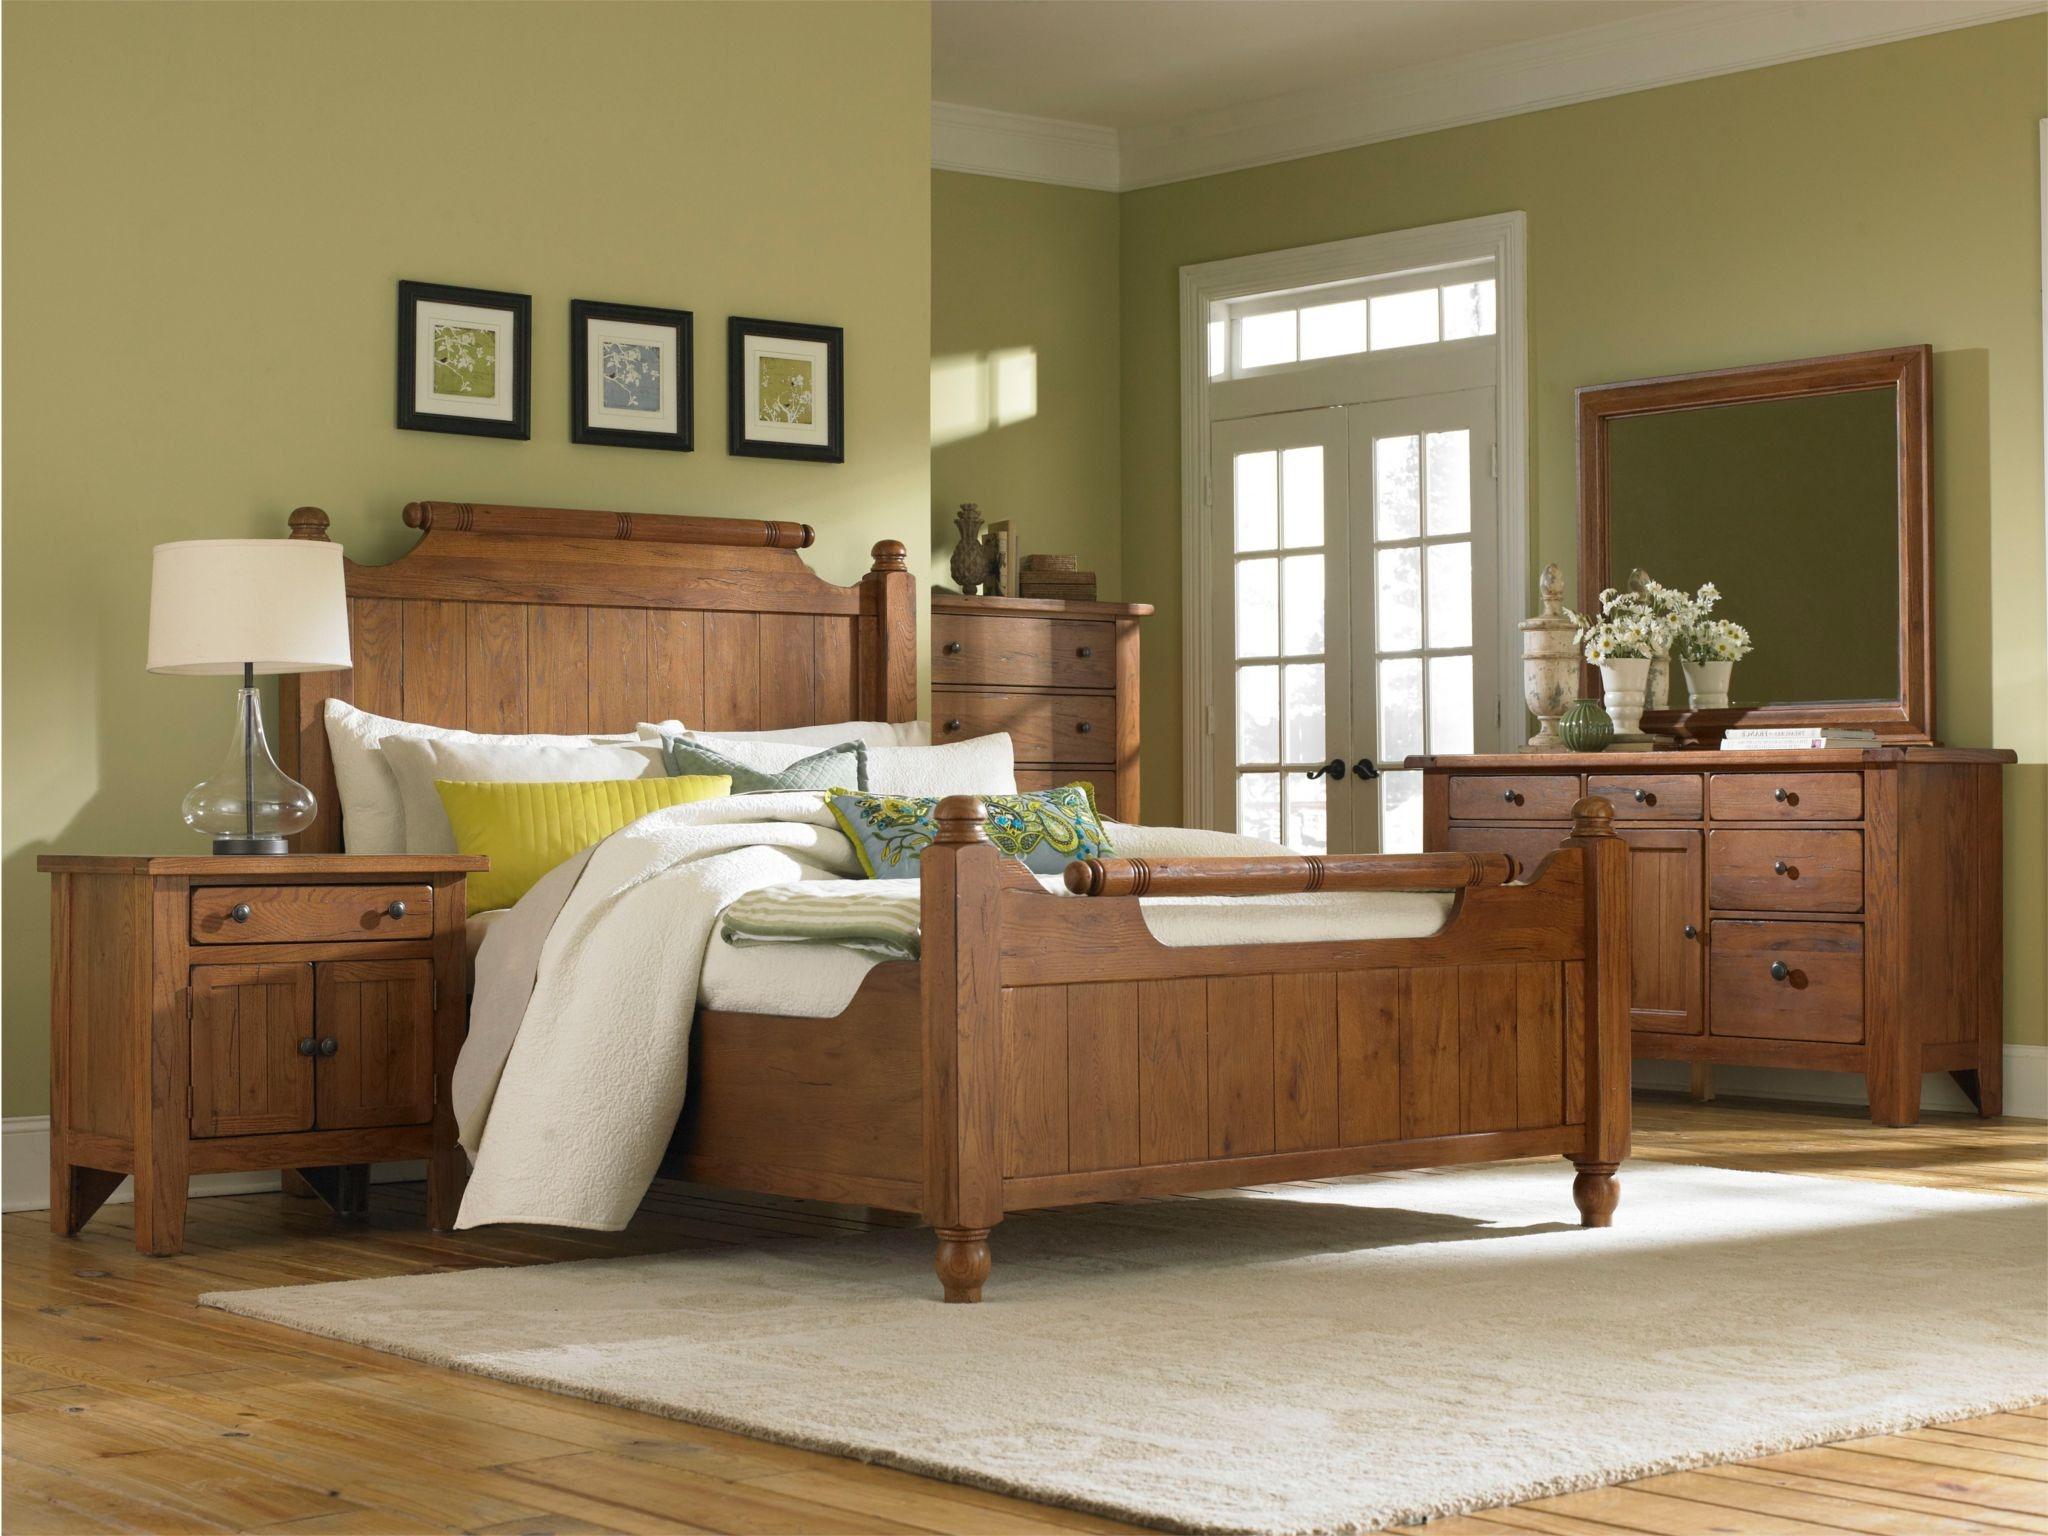 Broyhill Bedroom Attic Heirlooms Feather Headboard Rustic